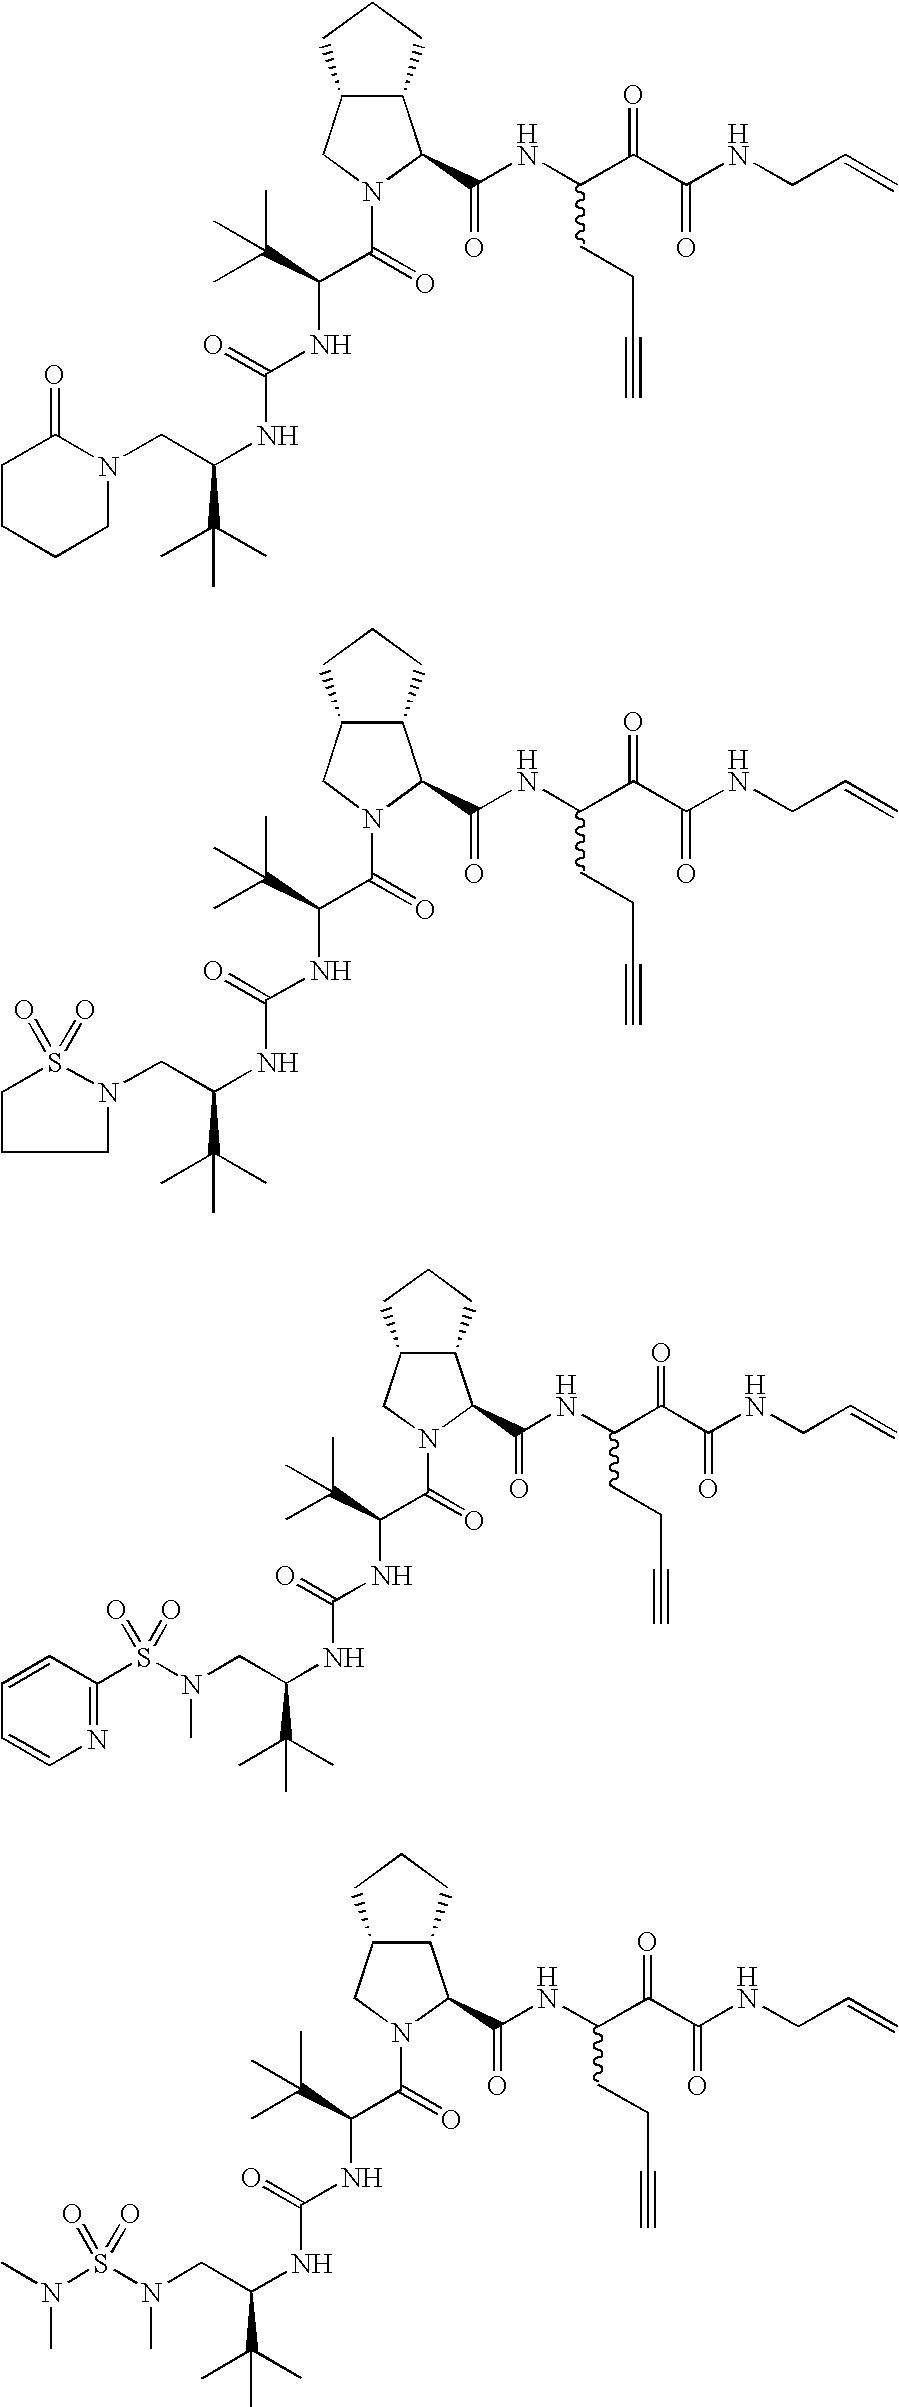 Figure US20060287248A1-20061221-C00532